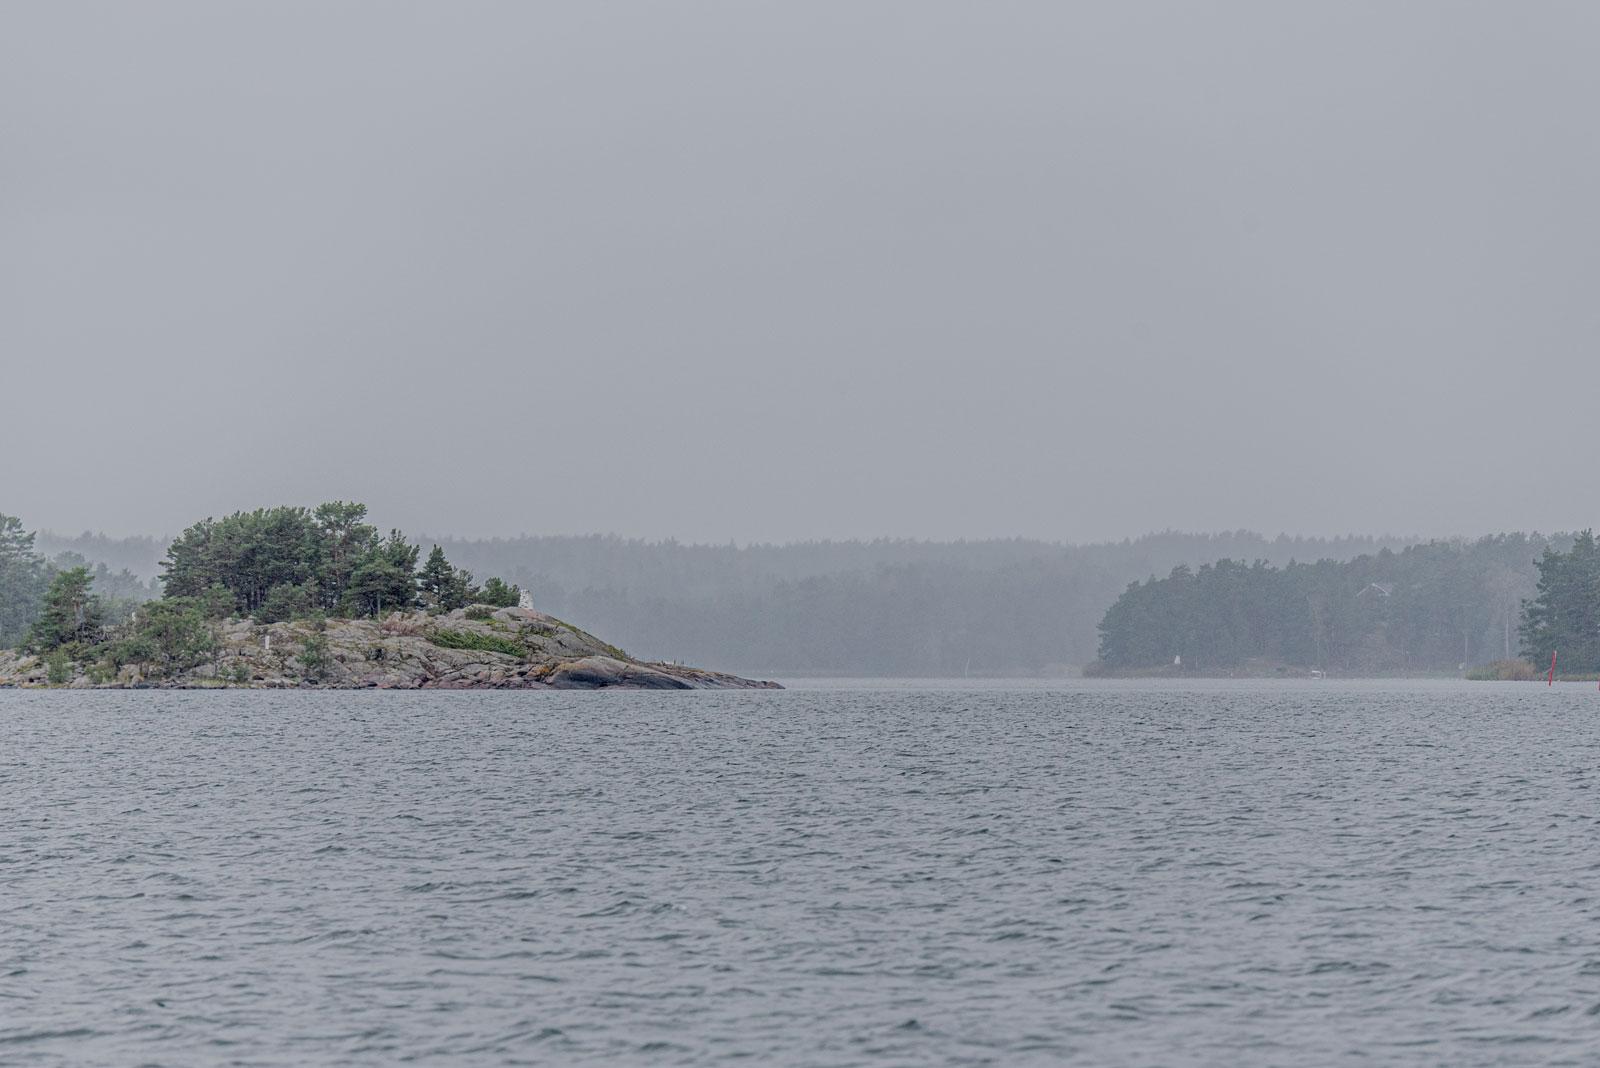 Kuvassa näkyy saaria merellä.